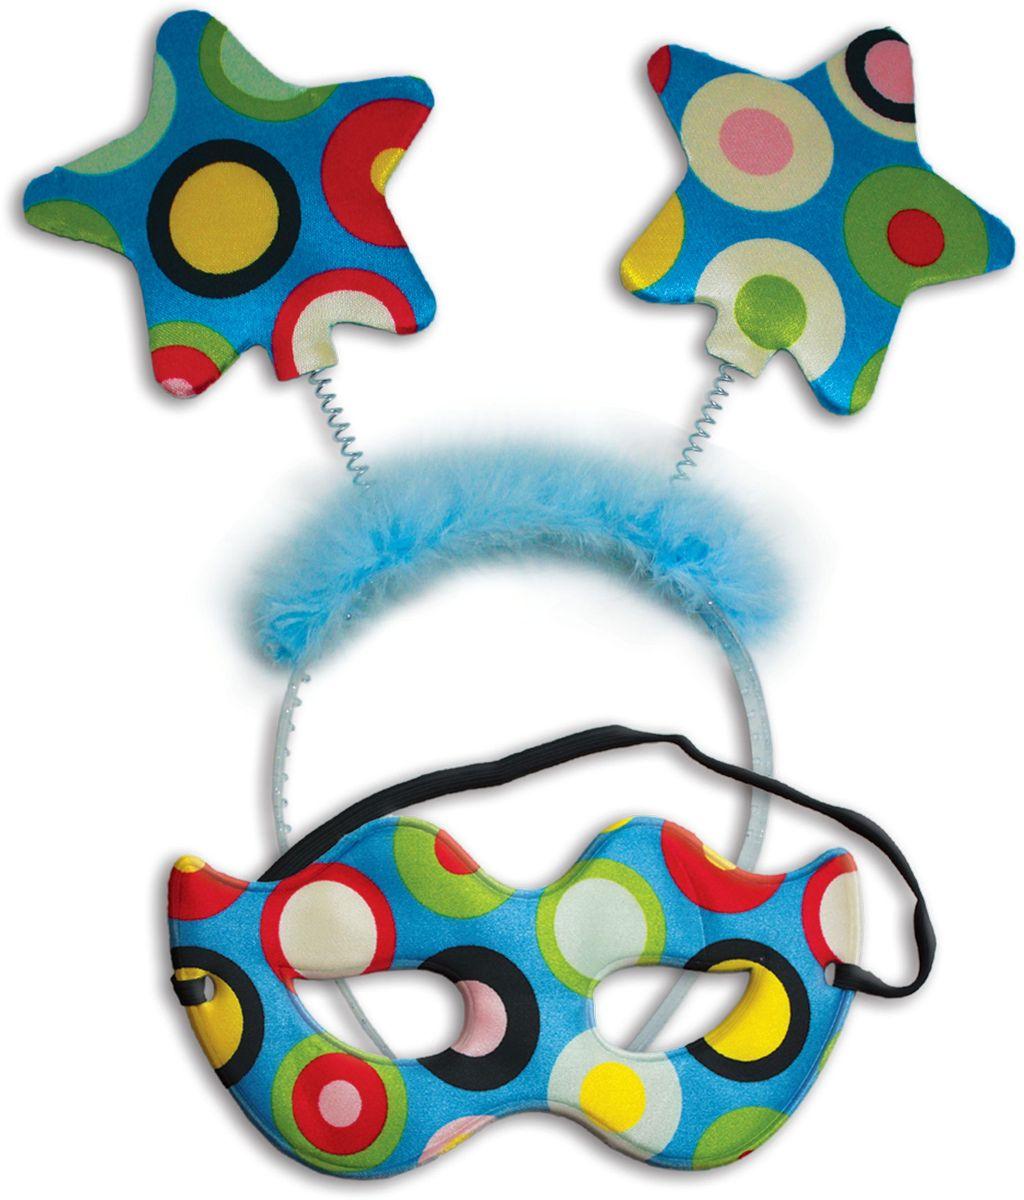 Partymania Карнавальный набор Маска и ободок со звездочками цвет разноцветный